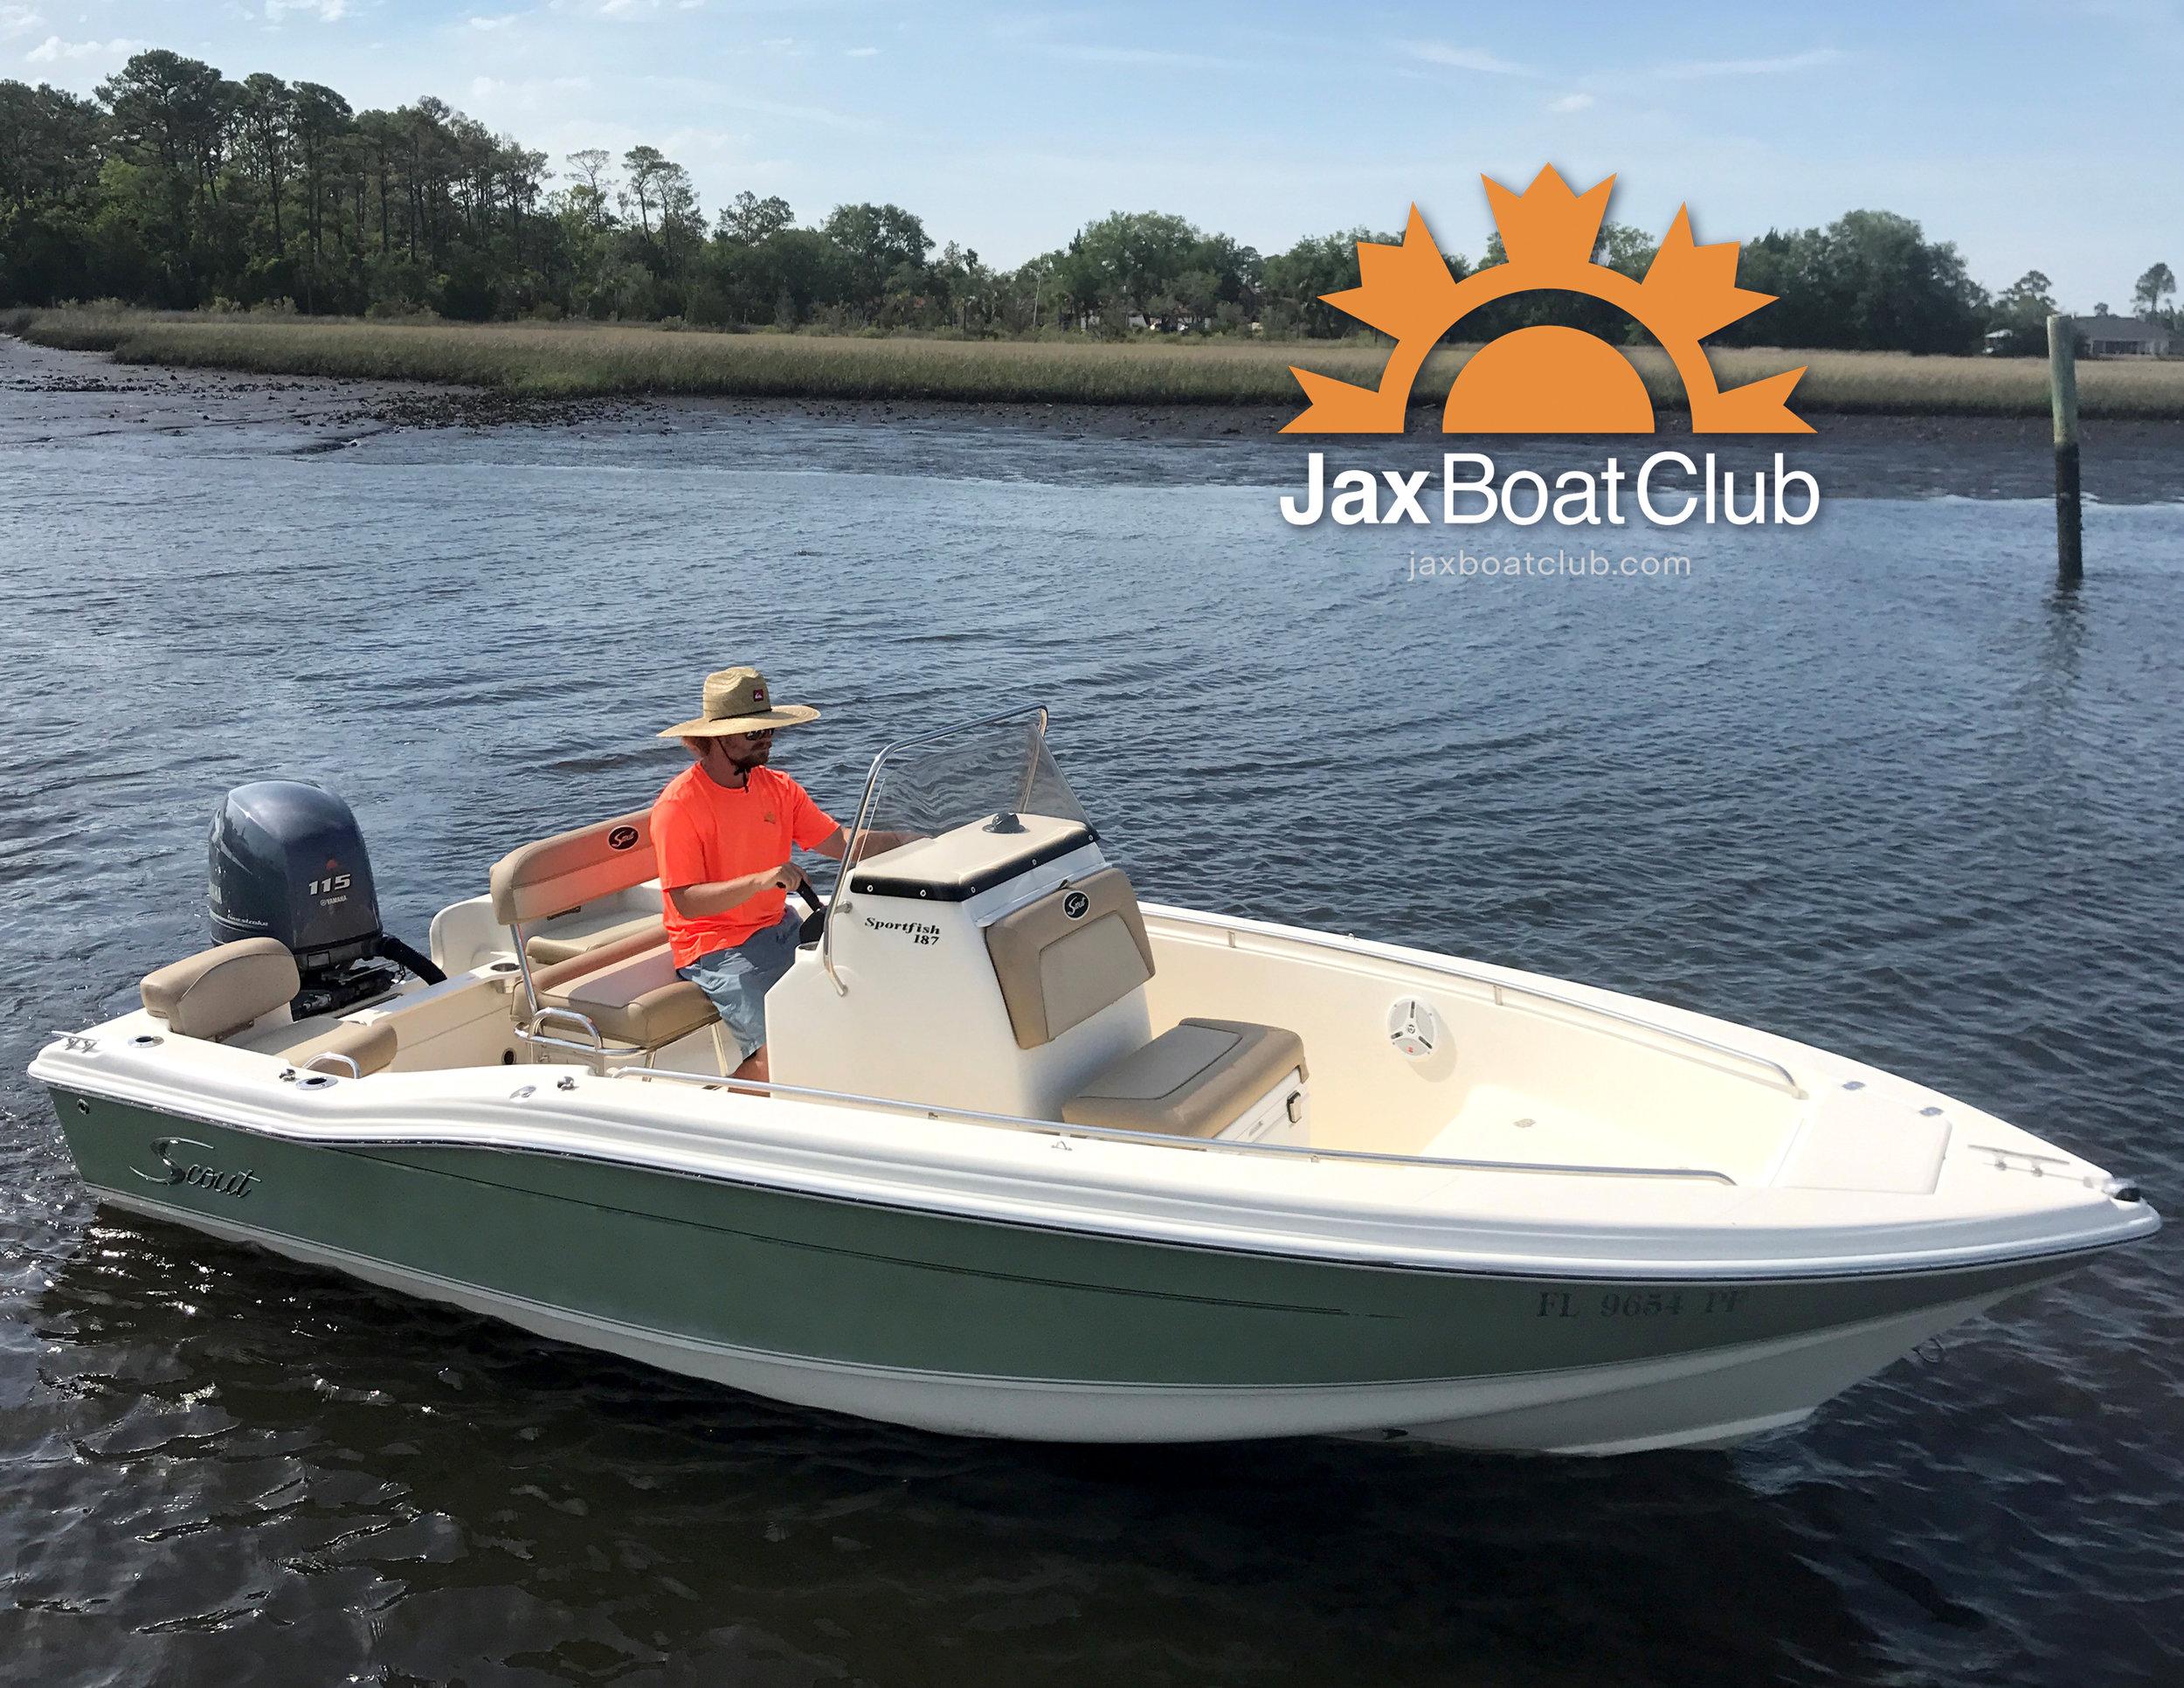 Jax Boat Club additions